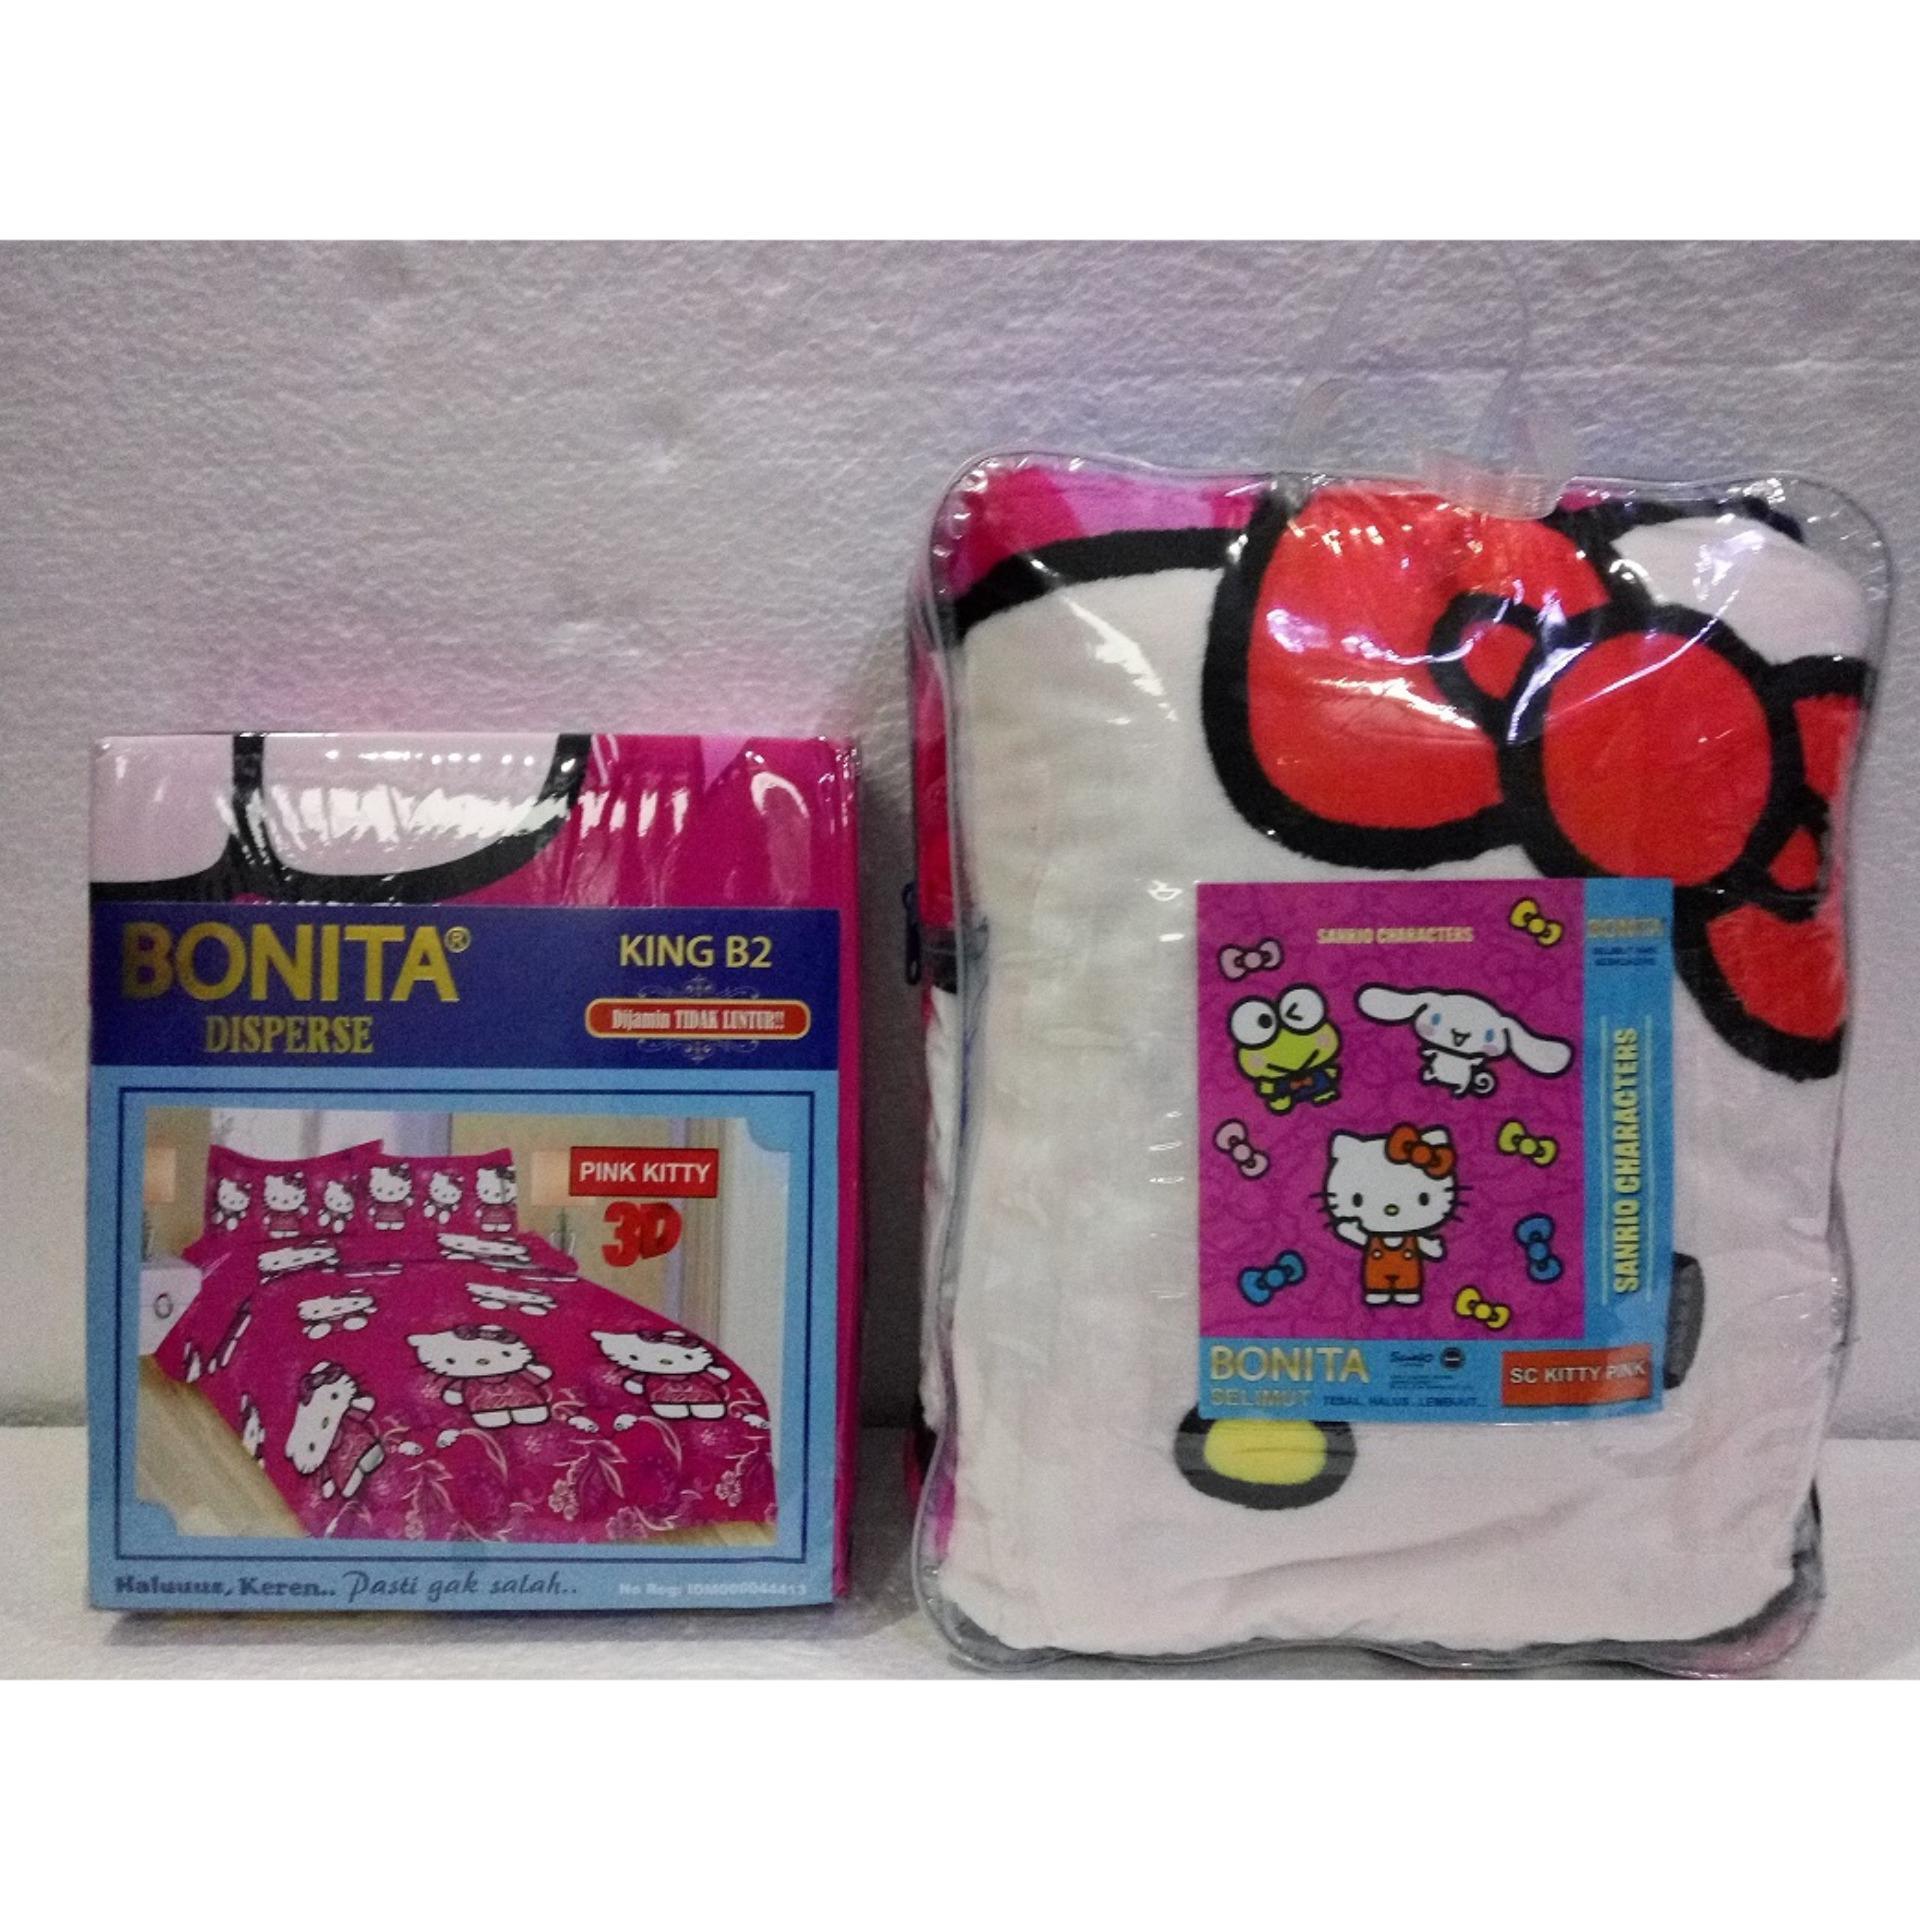 Harga Couple Sprei Dan Selimut Super Lembut Dan Tebal Merk Bonita Pink Kitty Yang Bagus